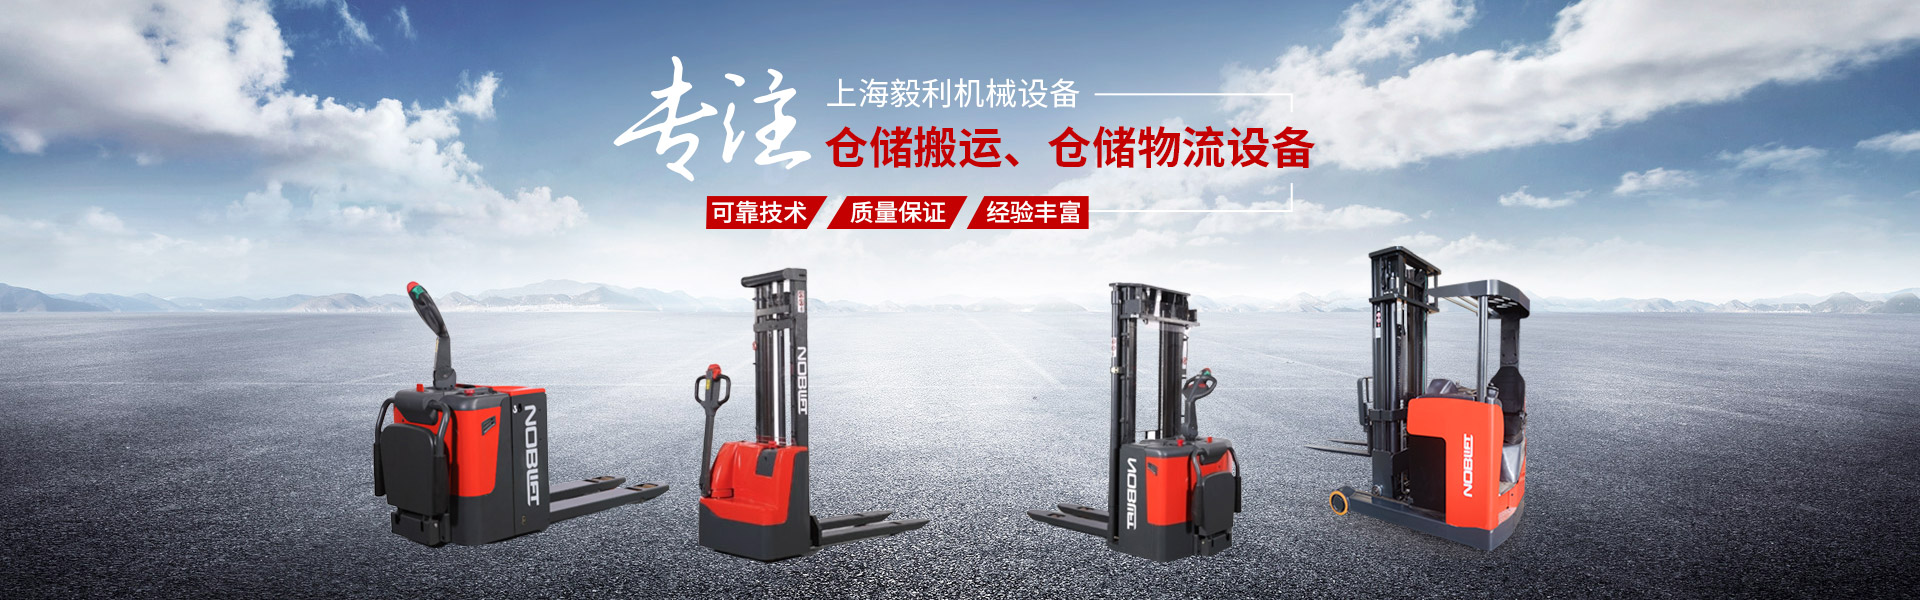 上海电动搬运车